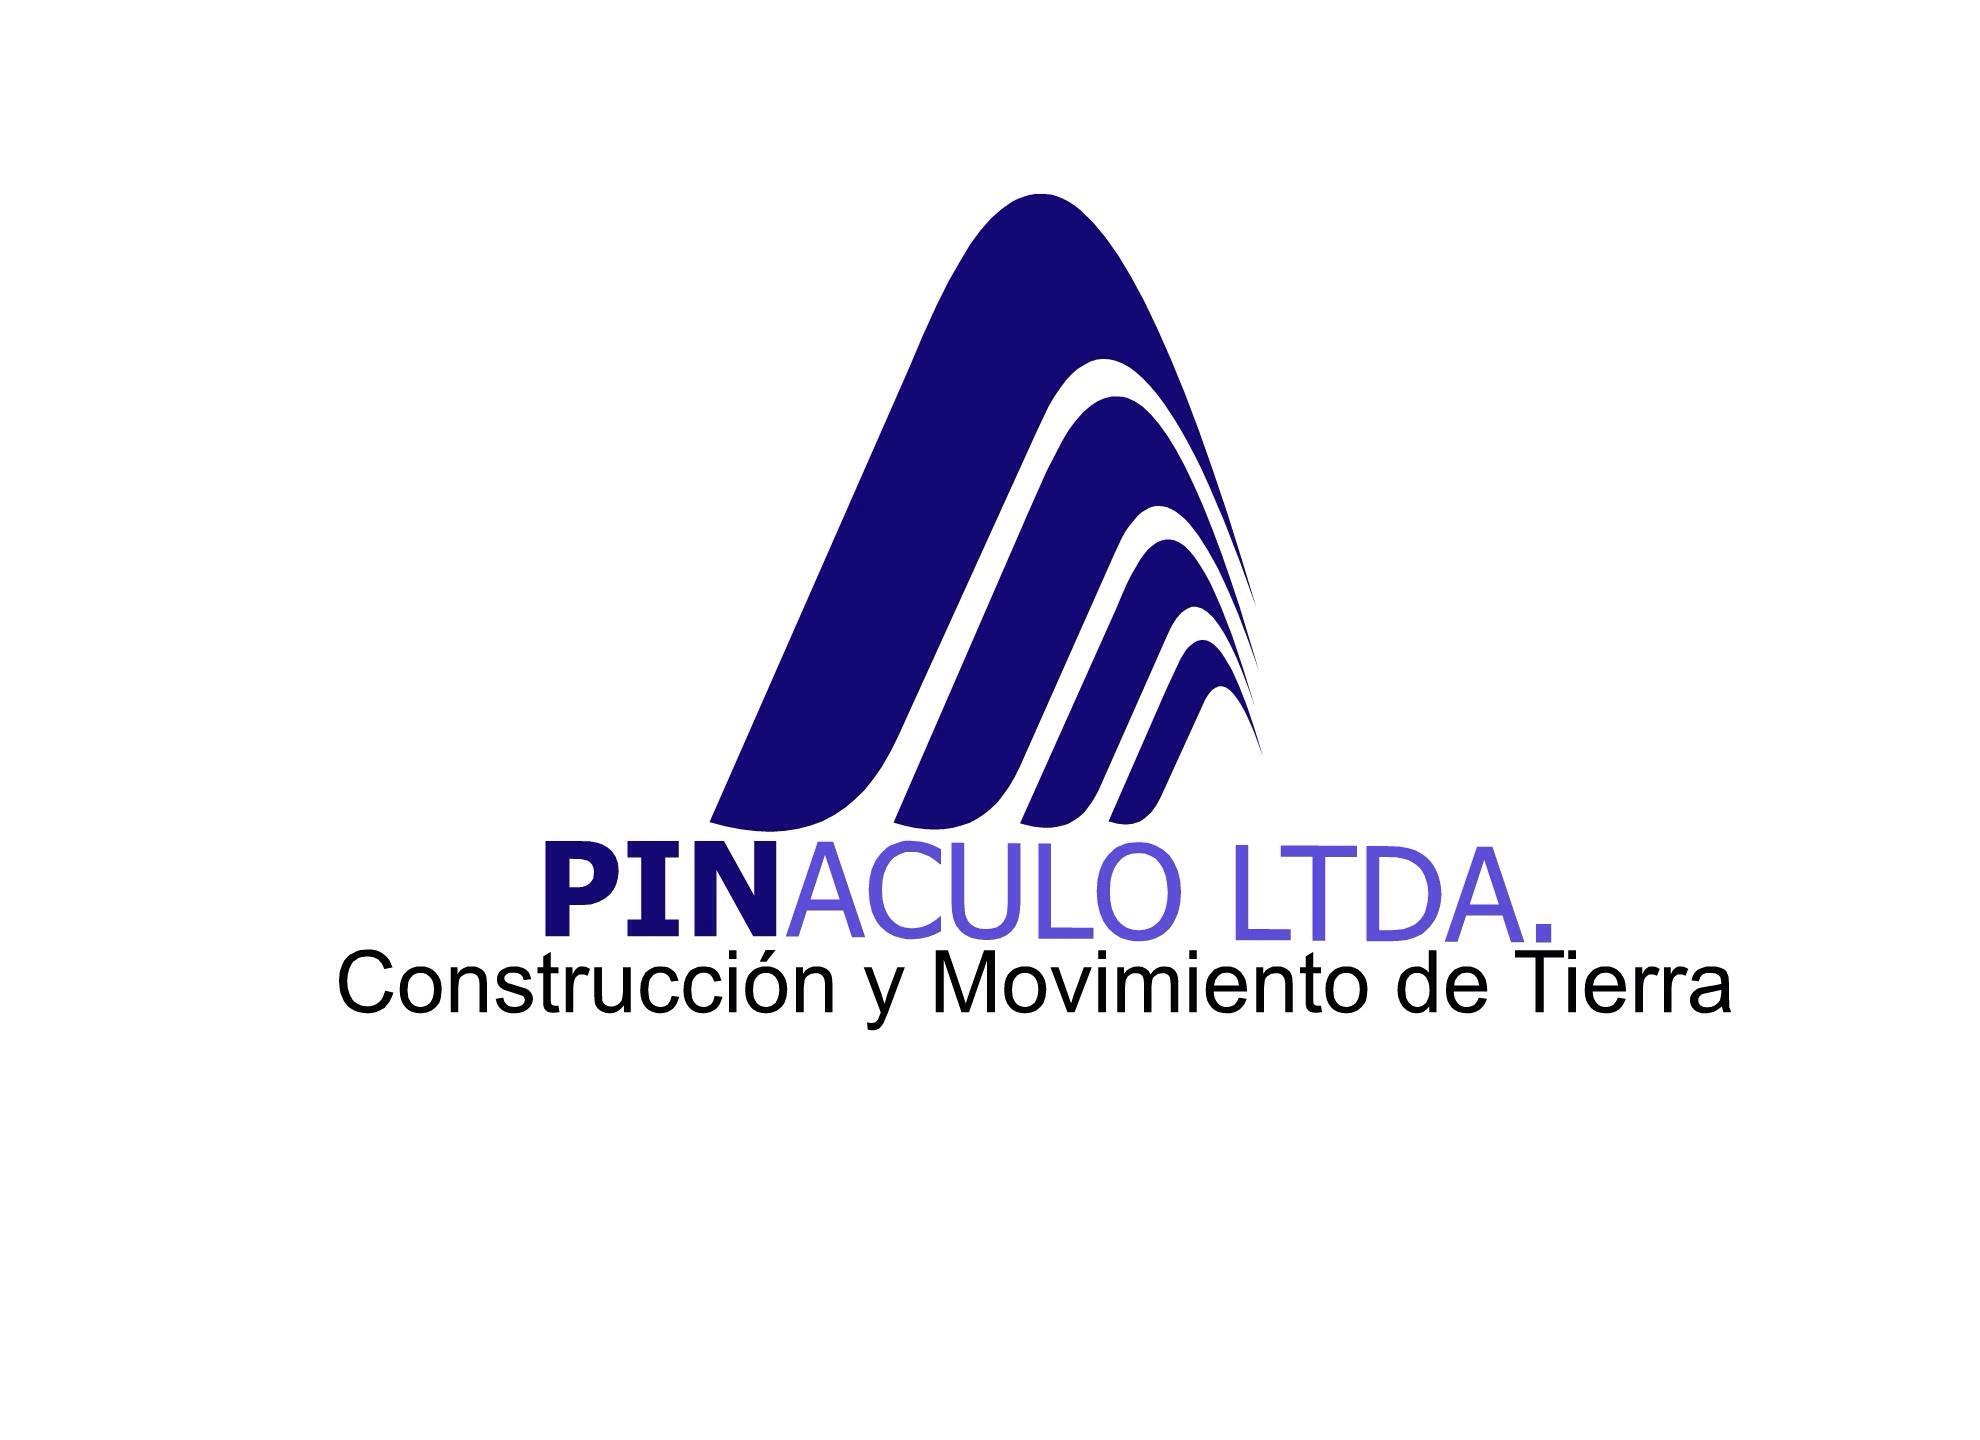 Constructora Pinaculo Ltda